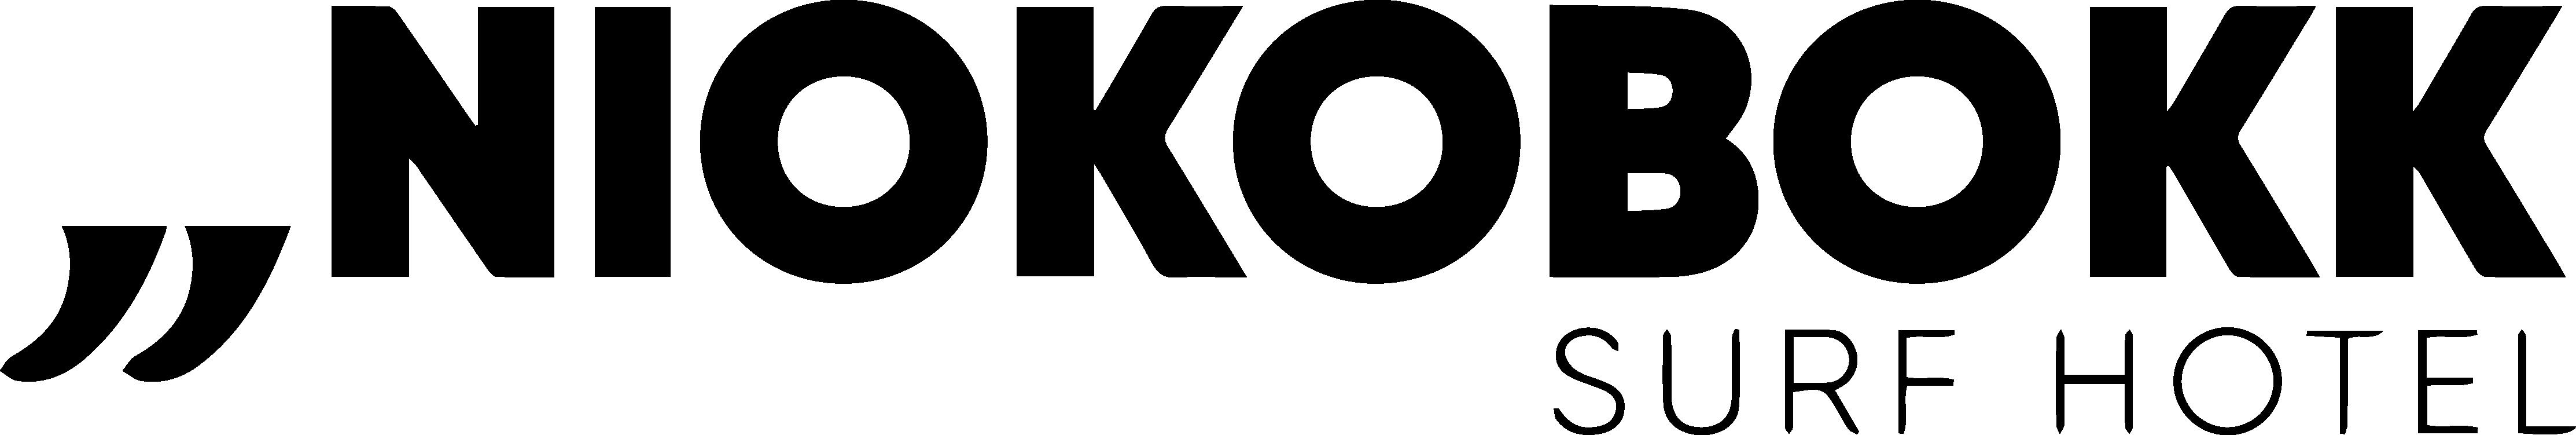 NIOKOBOKK Logo